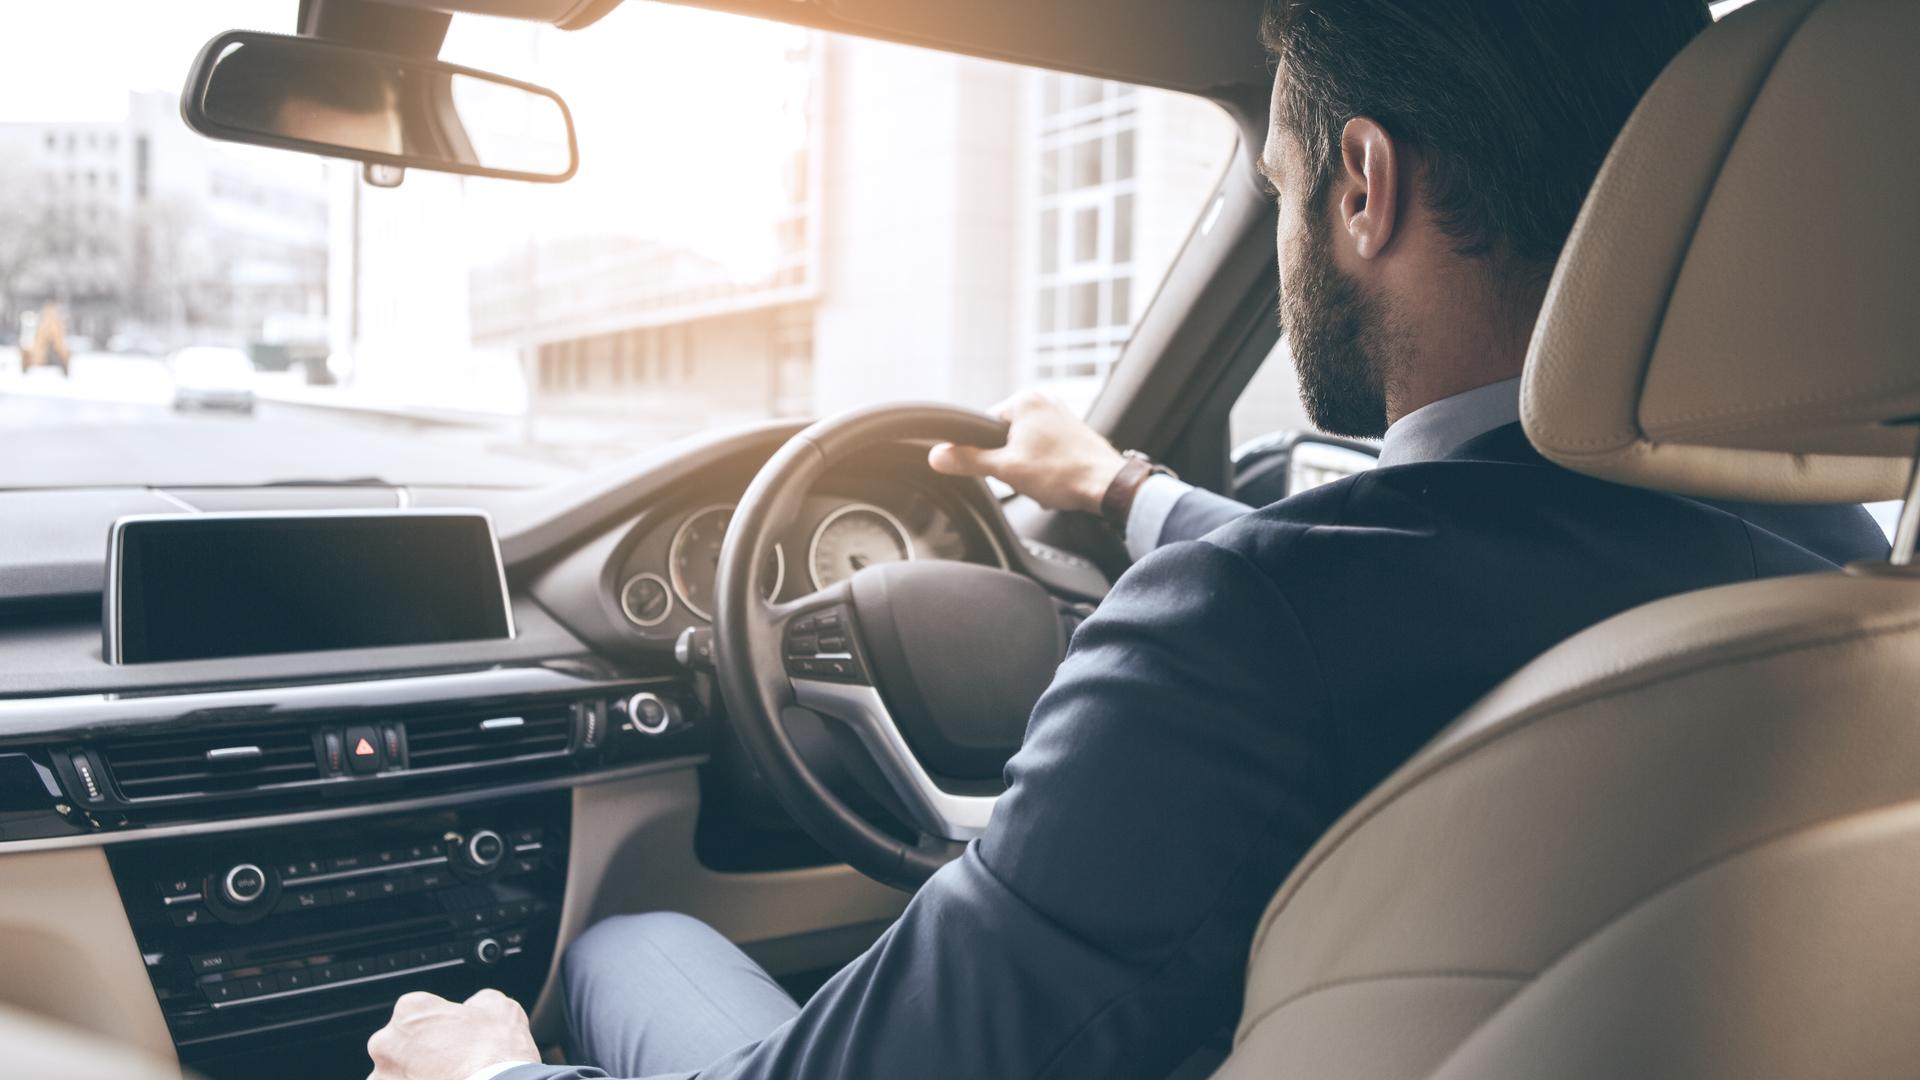 Company Car Insurance Header Image